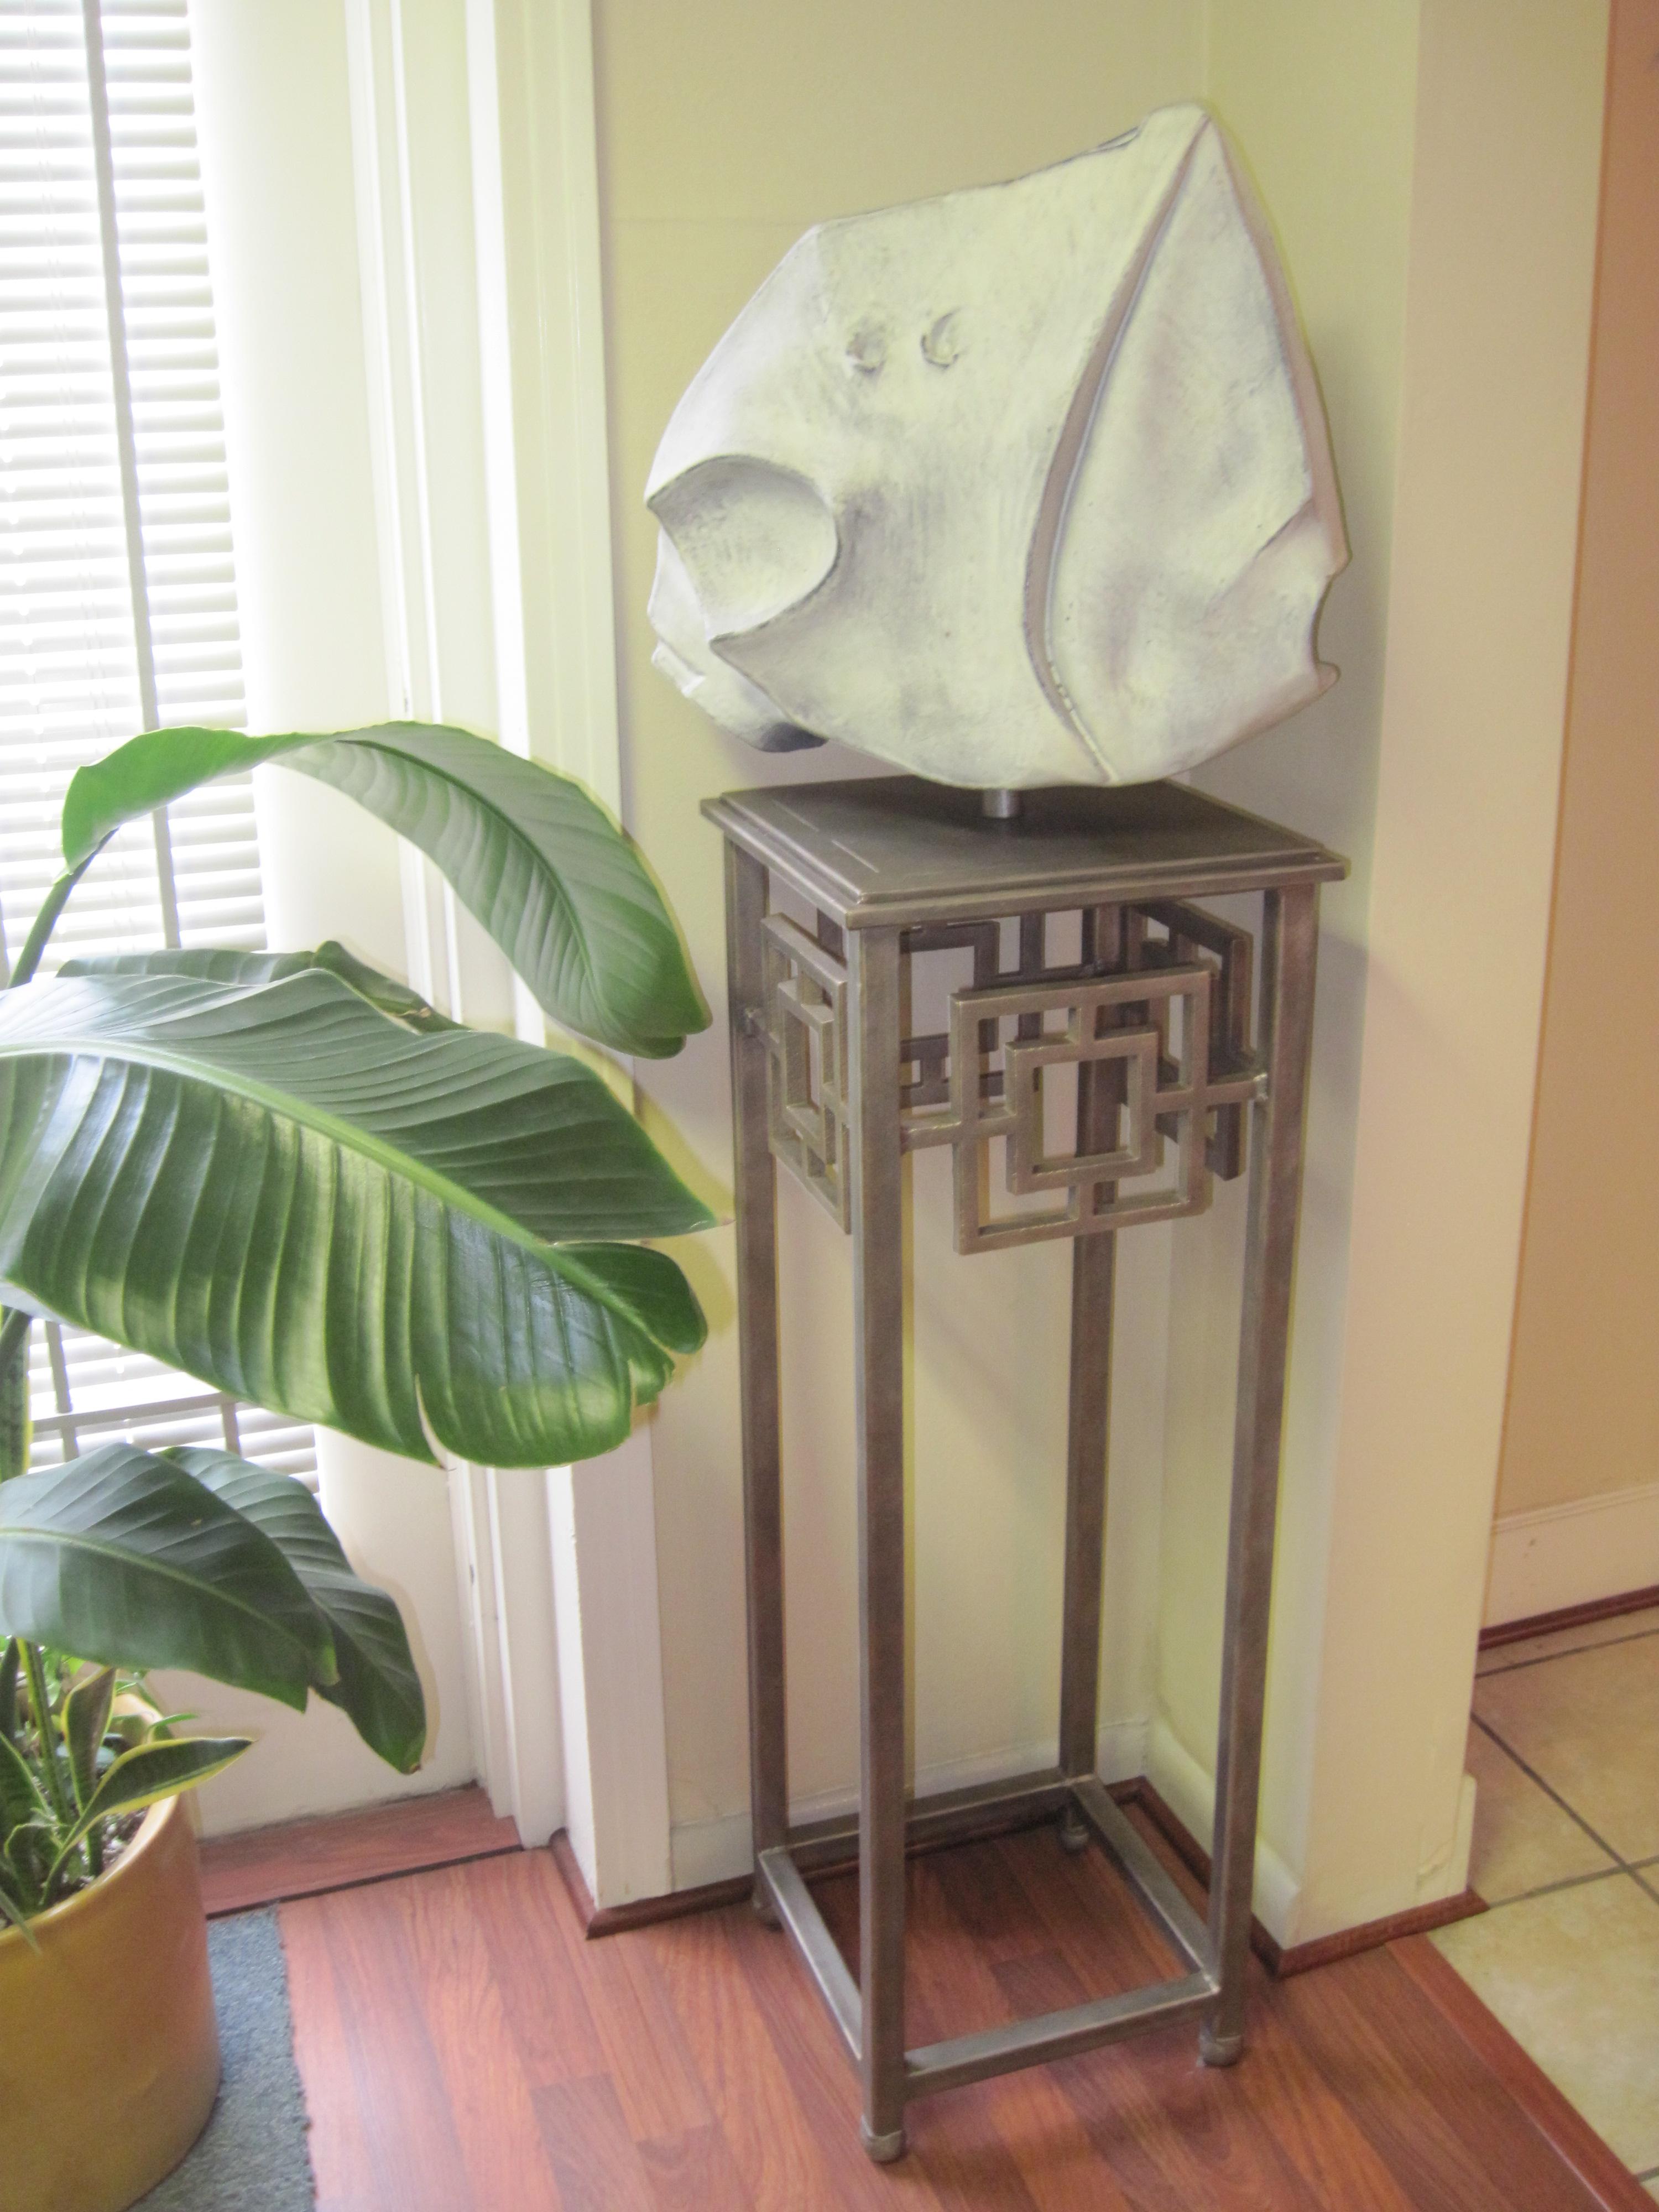 Pedestal for Art